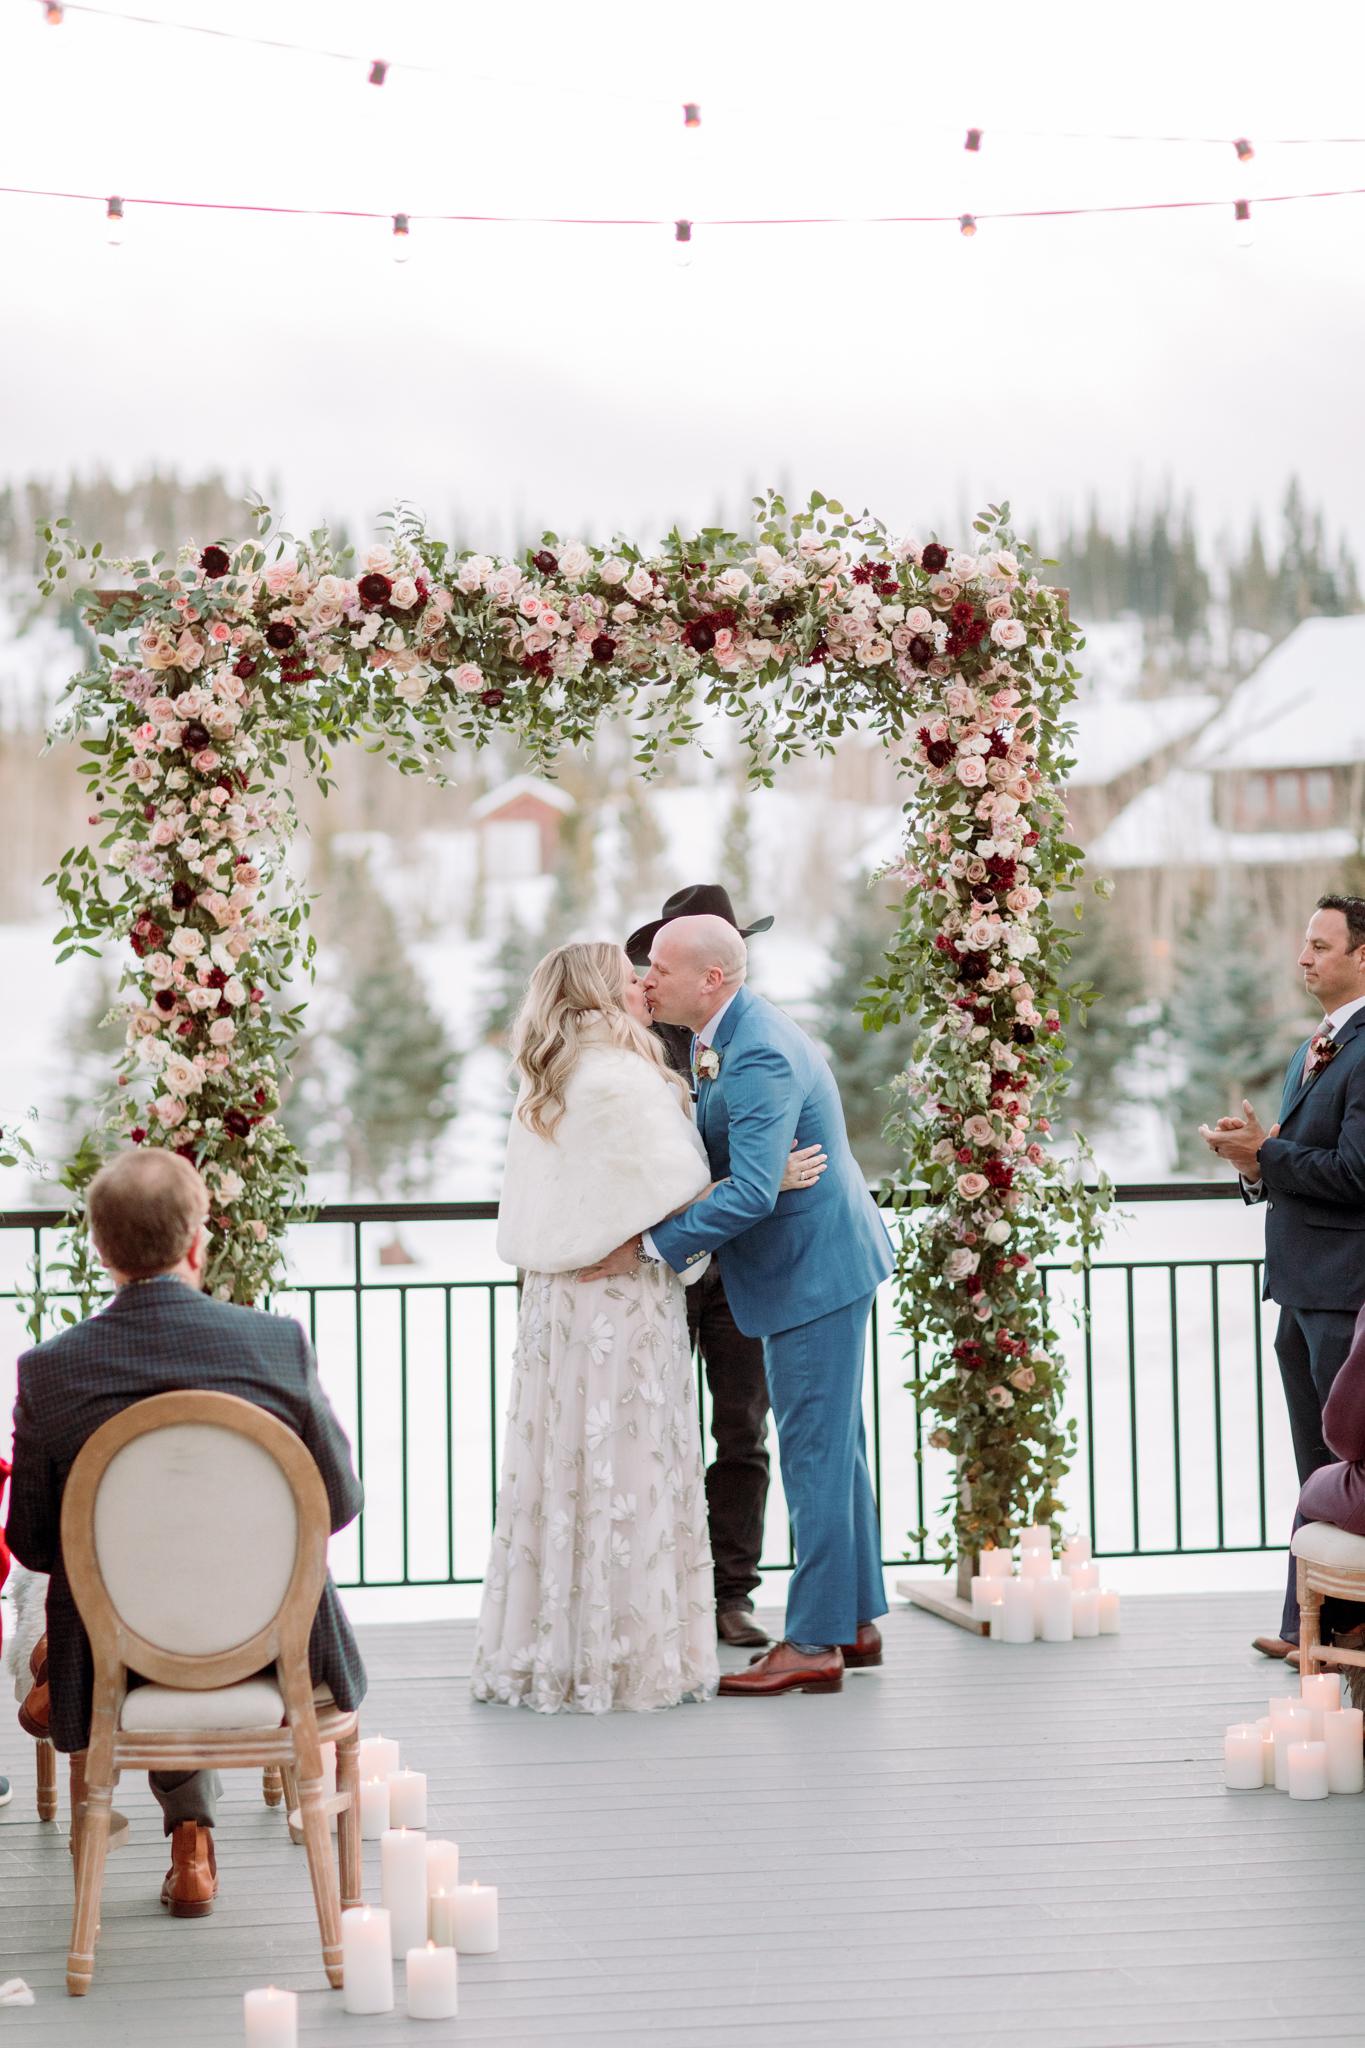 Devils-Thumb-Ranch-Tabernash-Colorado-Winter-Broad-Axe-Barn-Wedding-Deck-Ceremony-Bride-and-Groom-Kiss